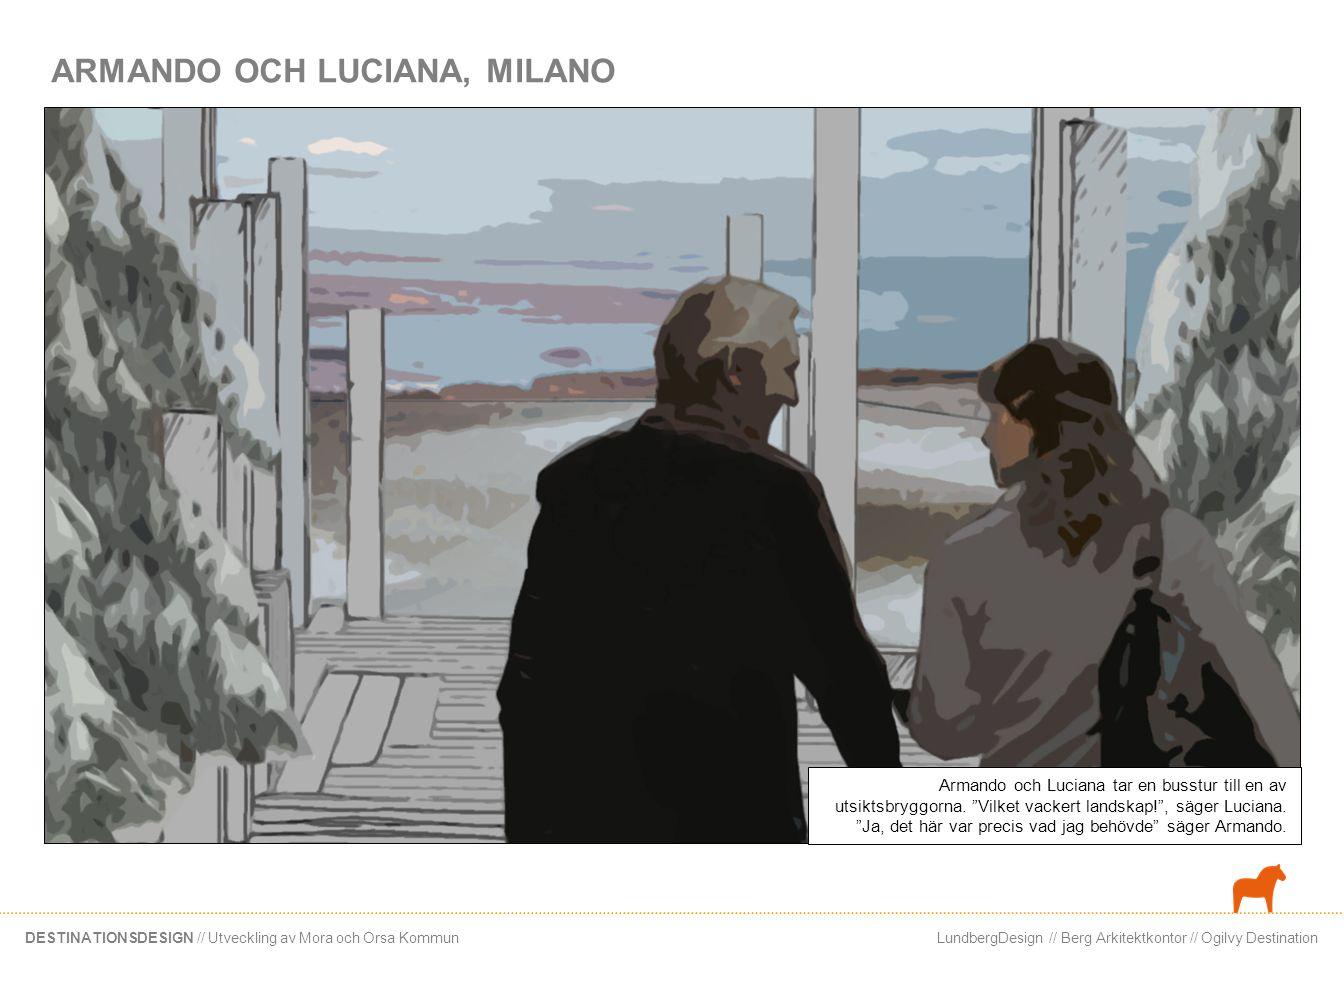 LundbergDesign // Berg Arkitektkontor // Ogilvy DestinationDESTINATIONSDESIGN // Utveckling av Mora och Orsa Kommun Armando och Luciana tar en busstur